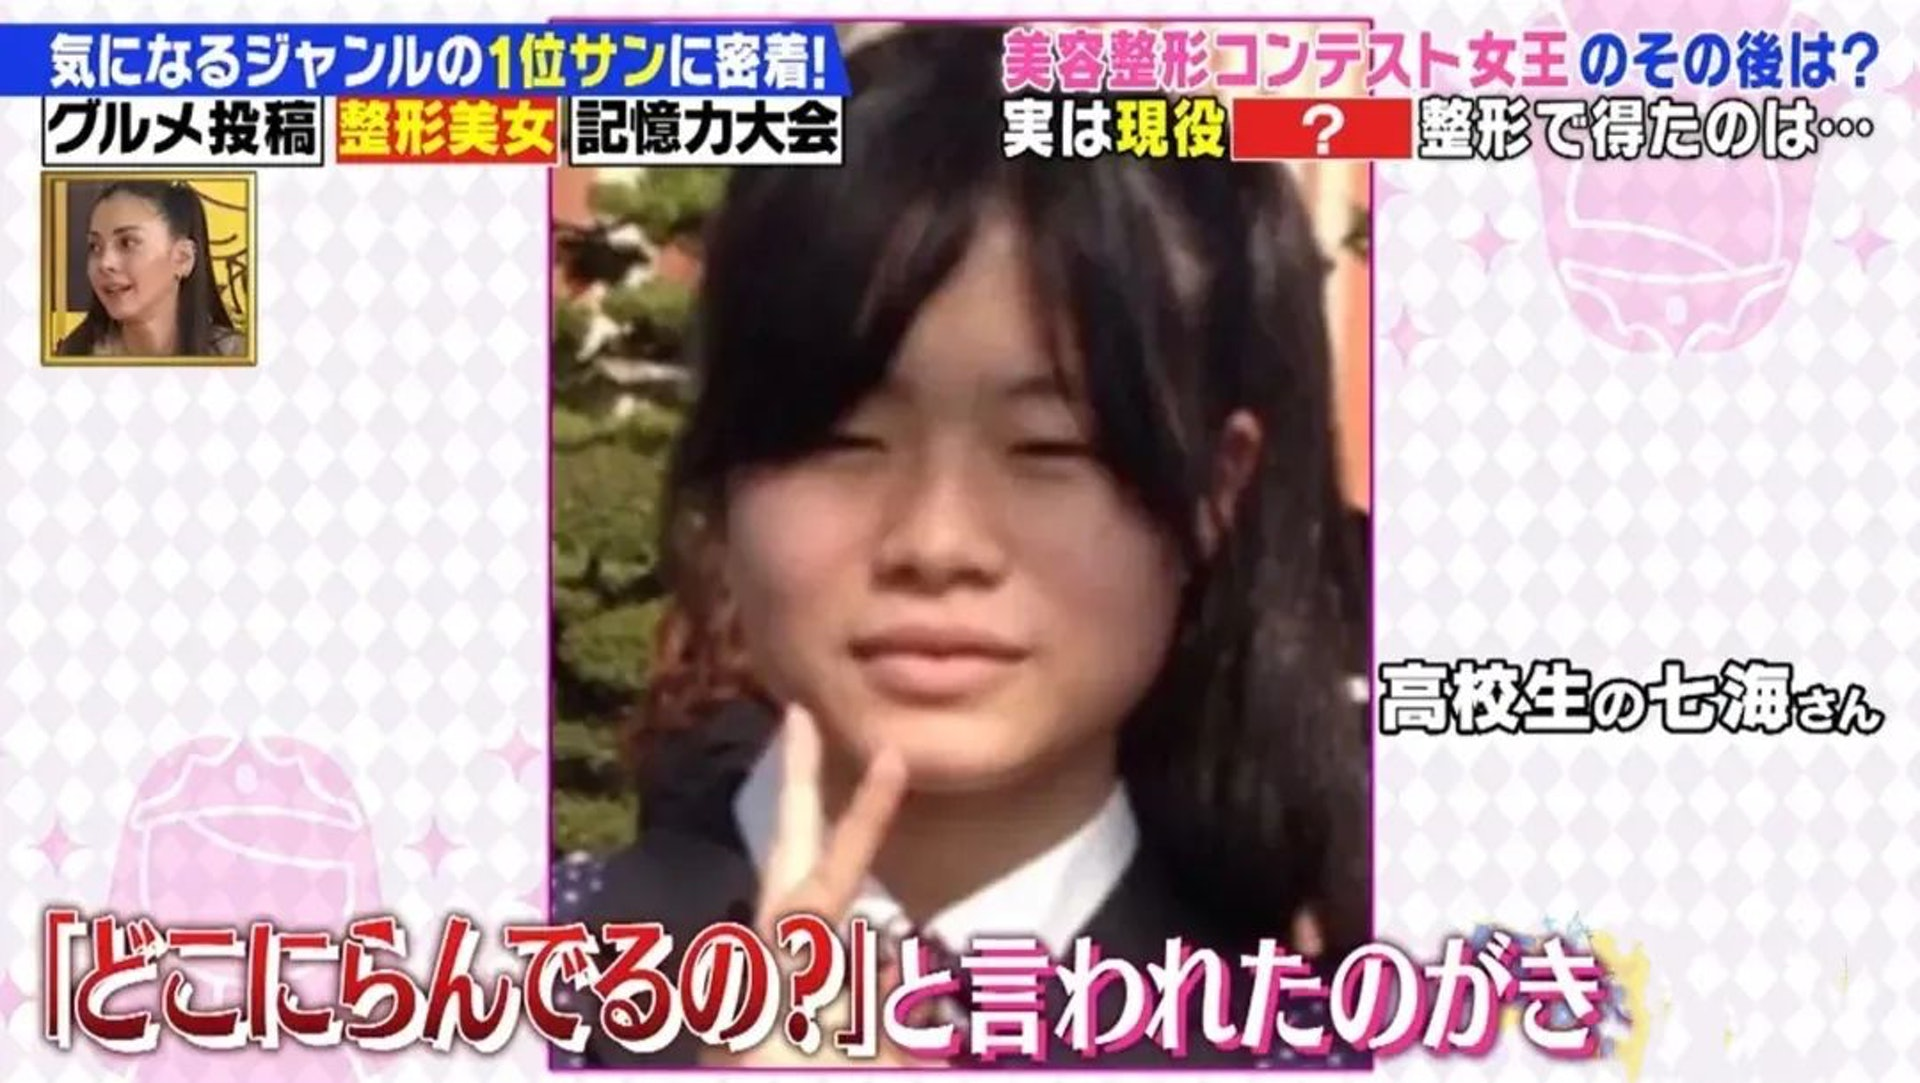 日本女发明星梦嫌自己不够靓 斥巨资整容后 拥趸数与工资急升